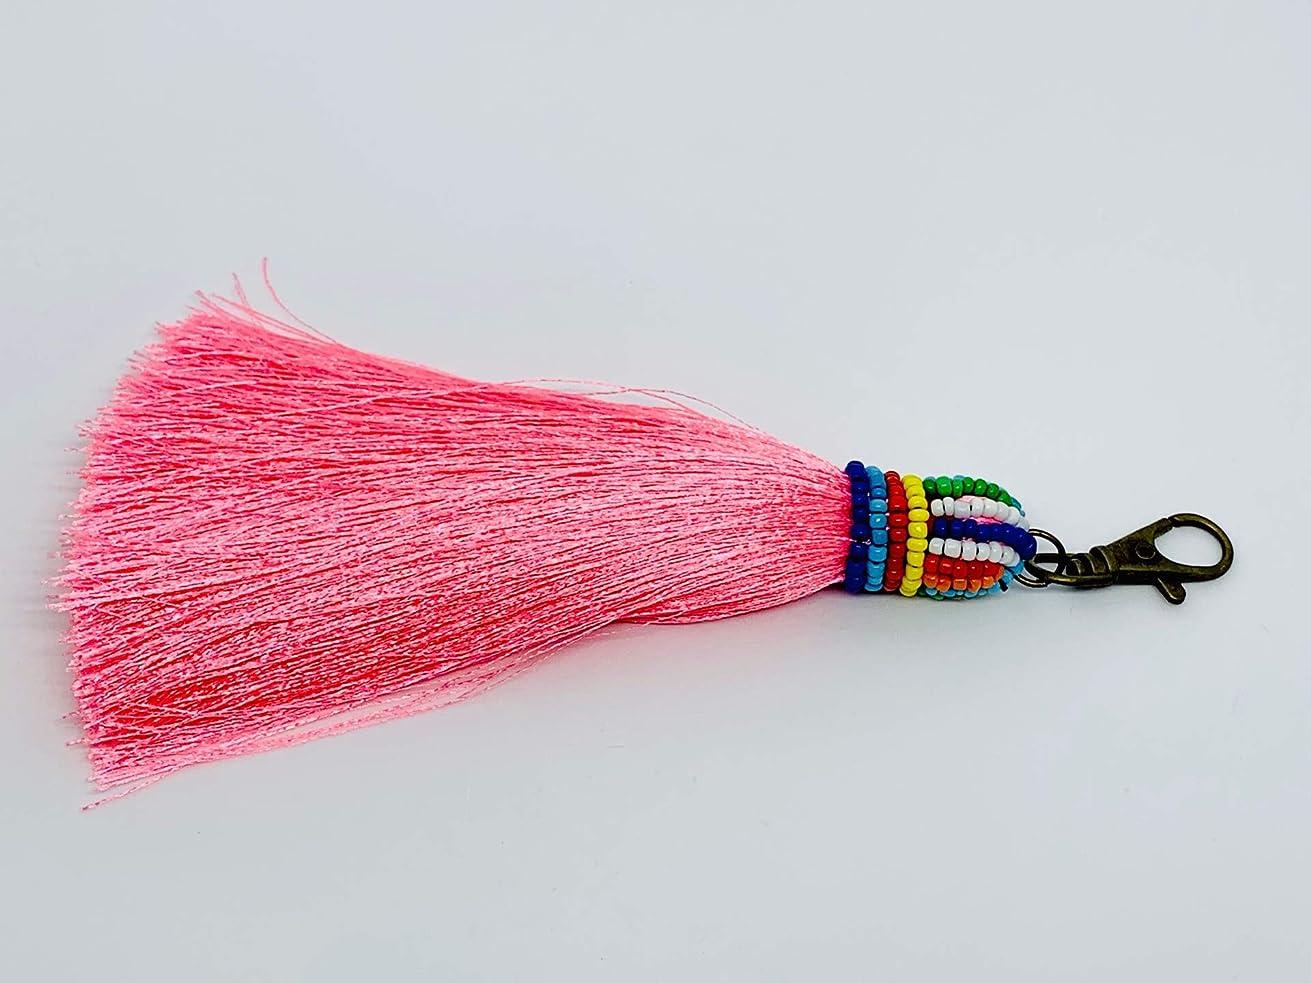 Colorful Boho Pom Pom Tassel Bag Charm Key Chain Key Ring